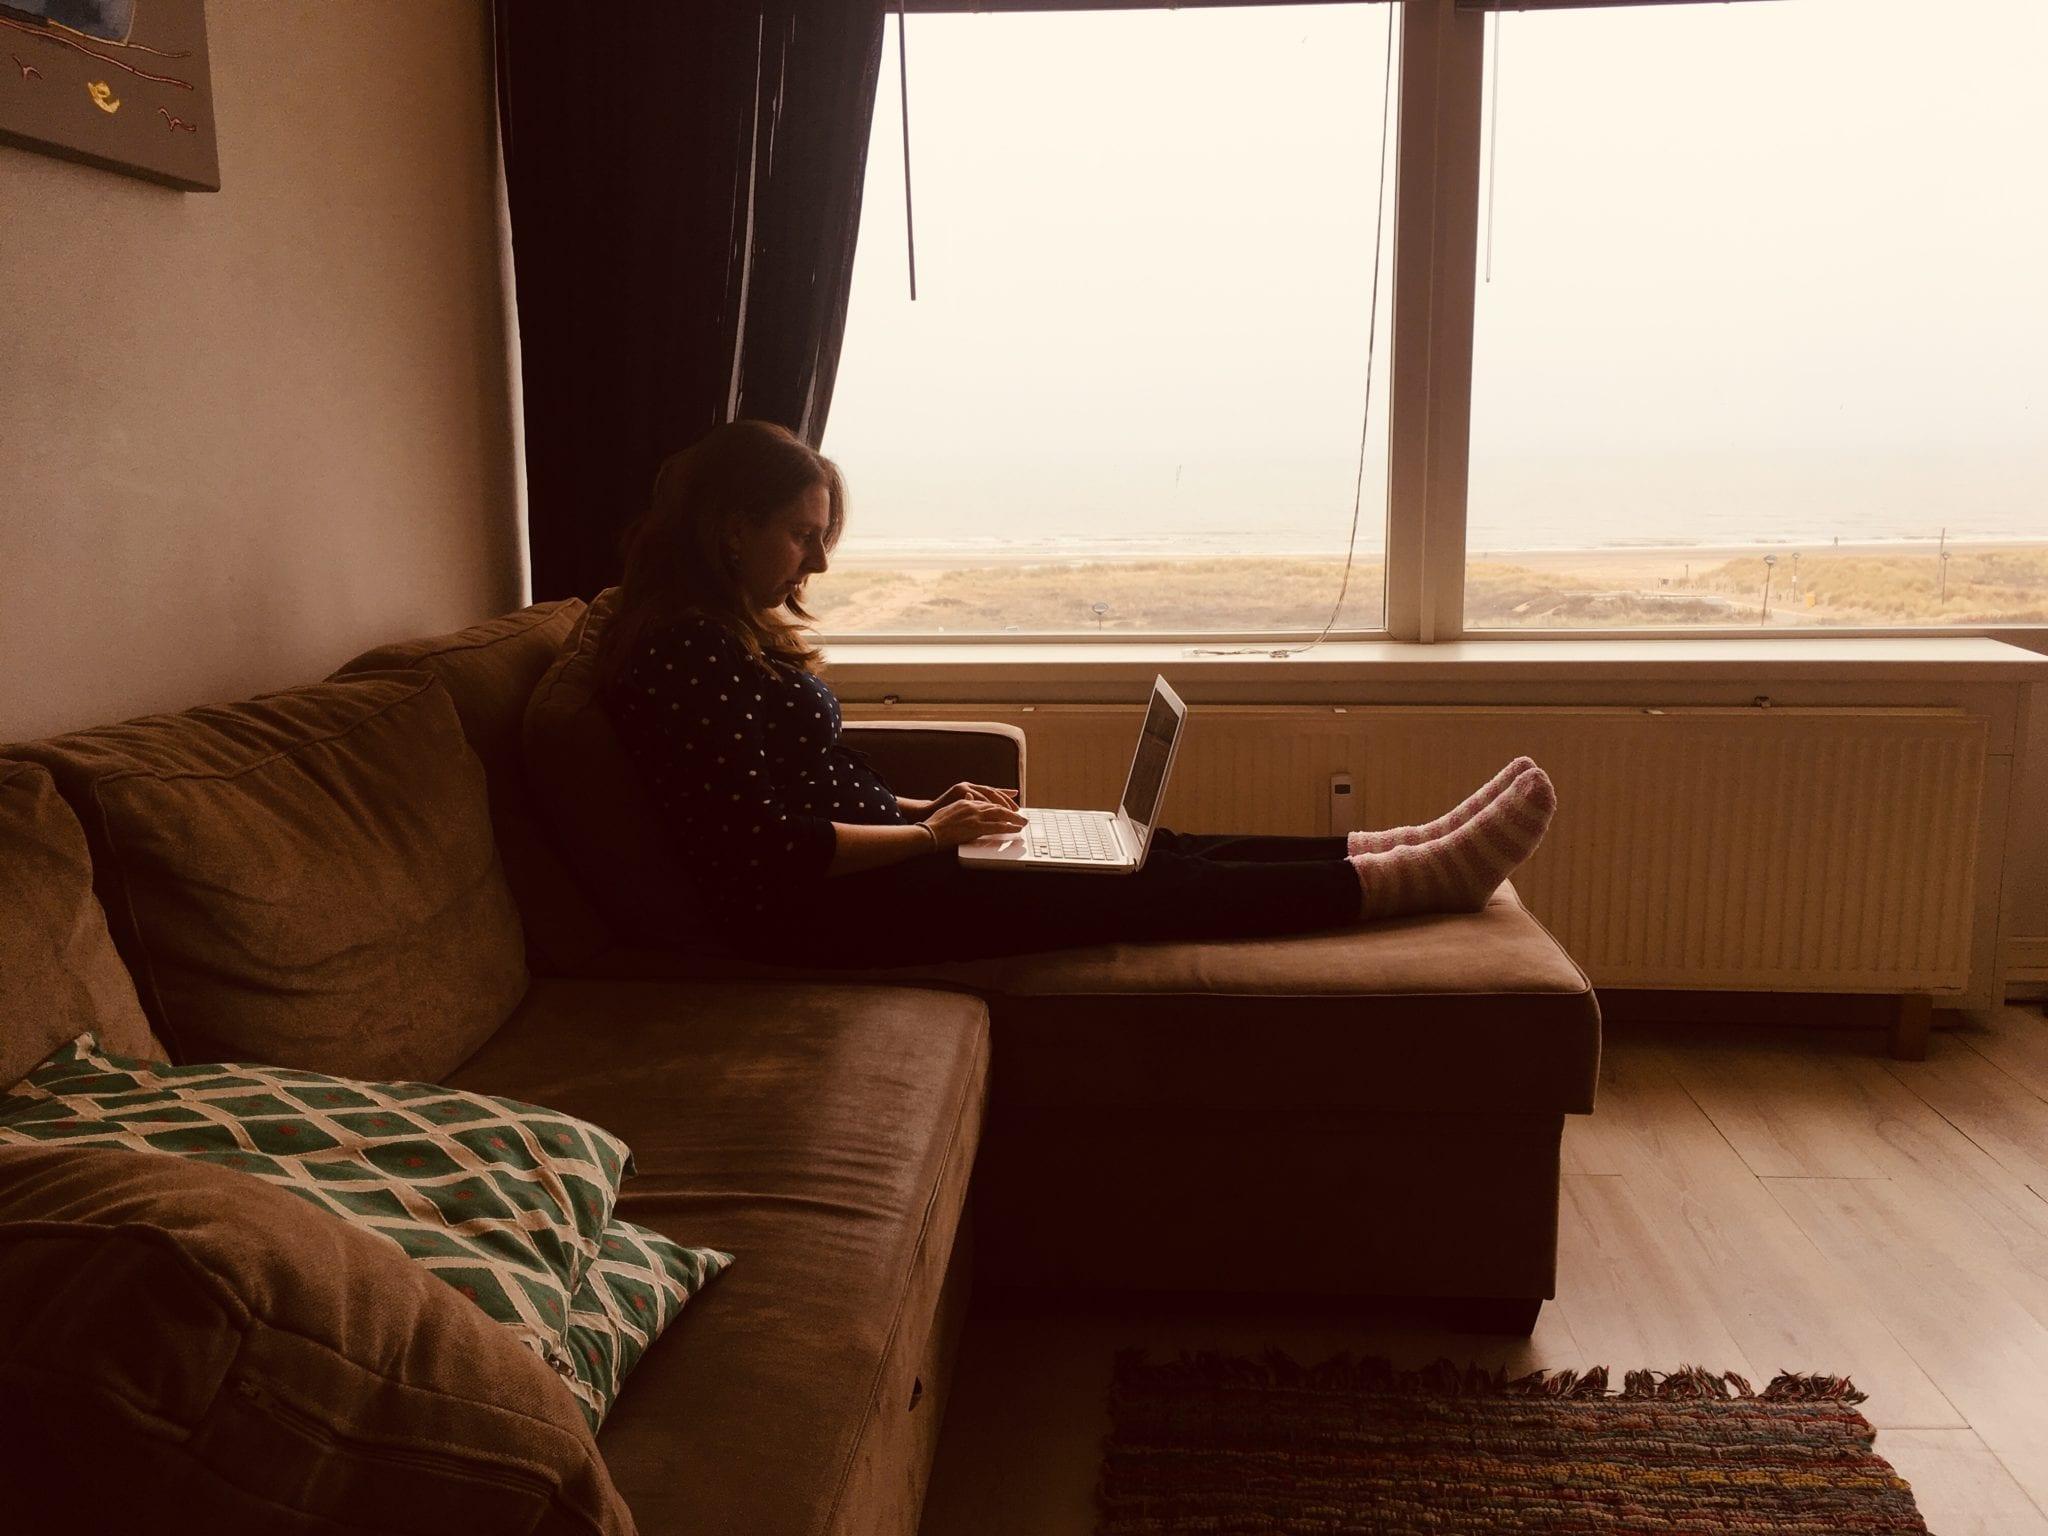 schrijfweek Noordwijk Carlie van Tongeren